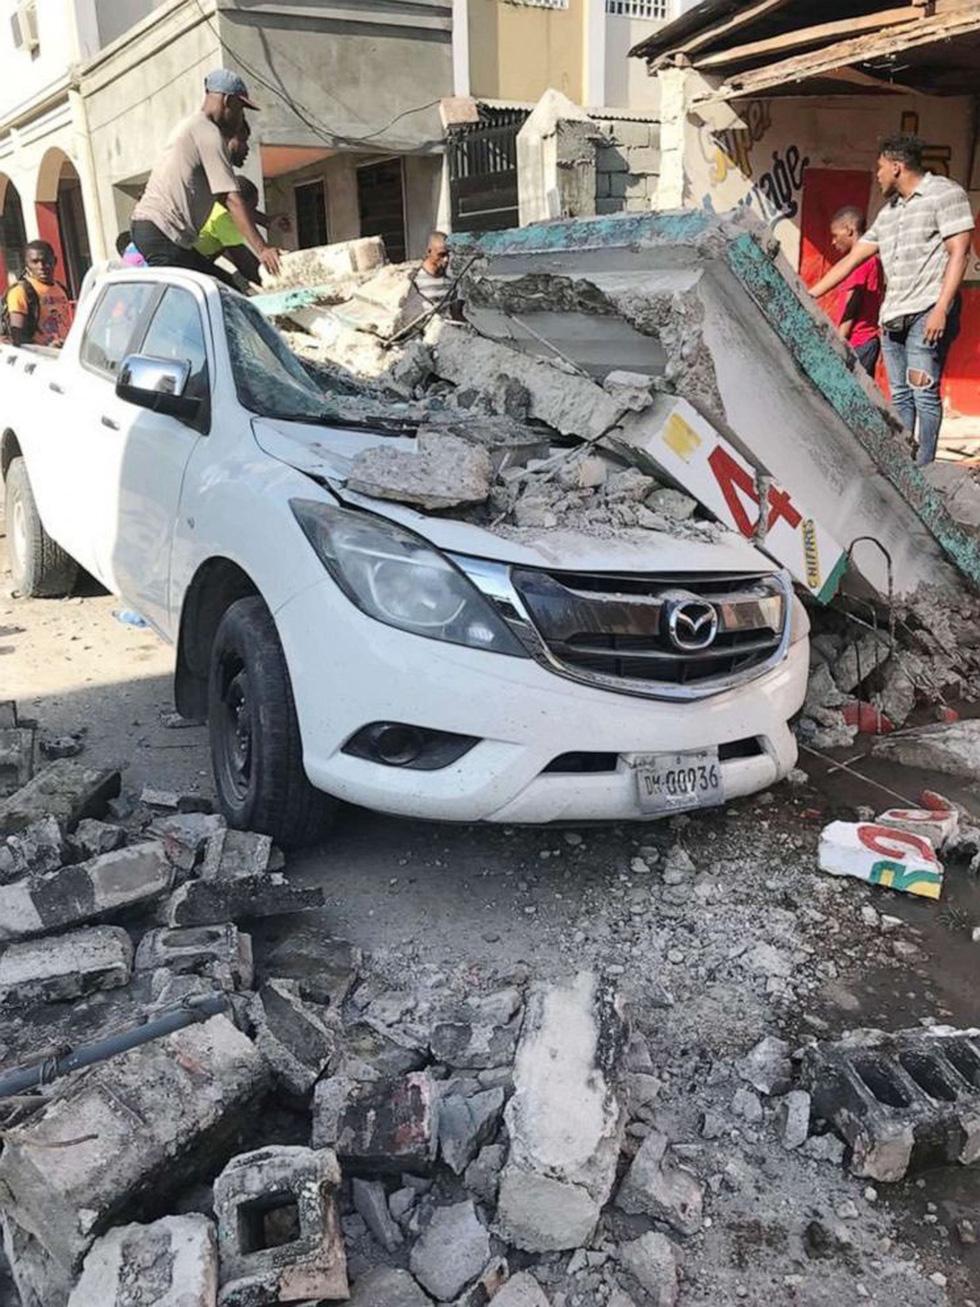 Chùm ảnh thảm họa động đất ở Haiti, hơn 300 người chết - Ảnh 15.